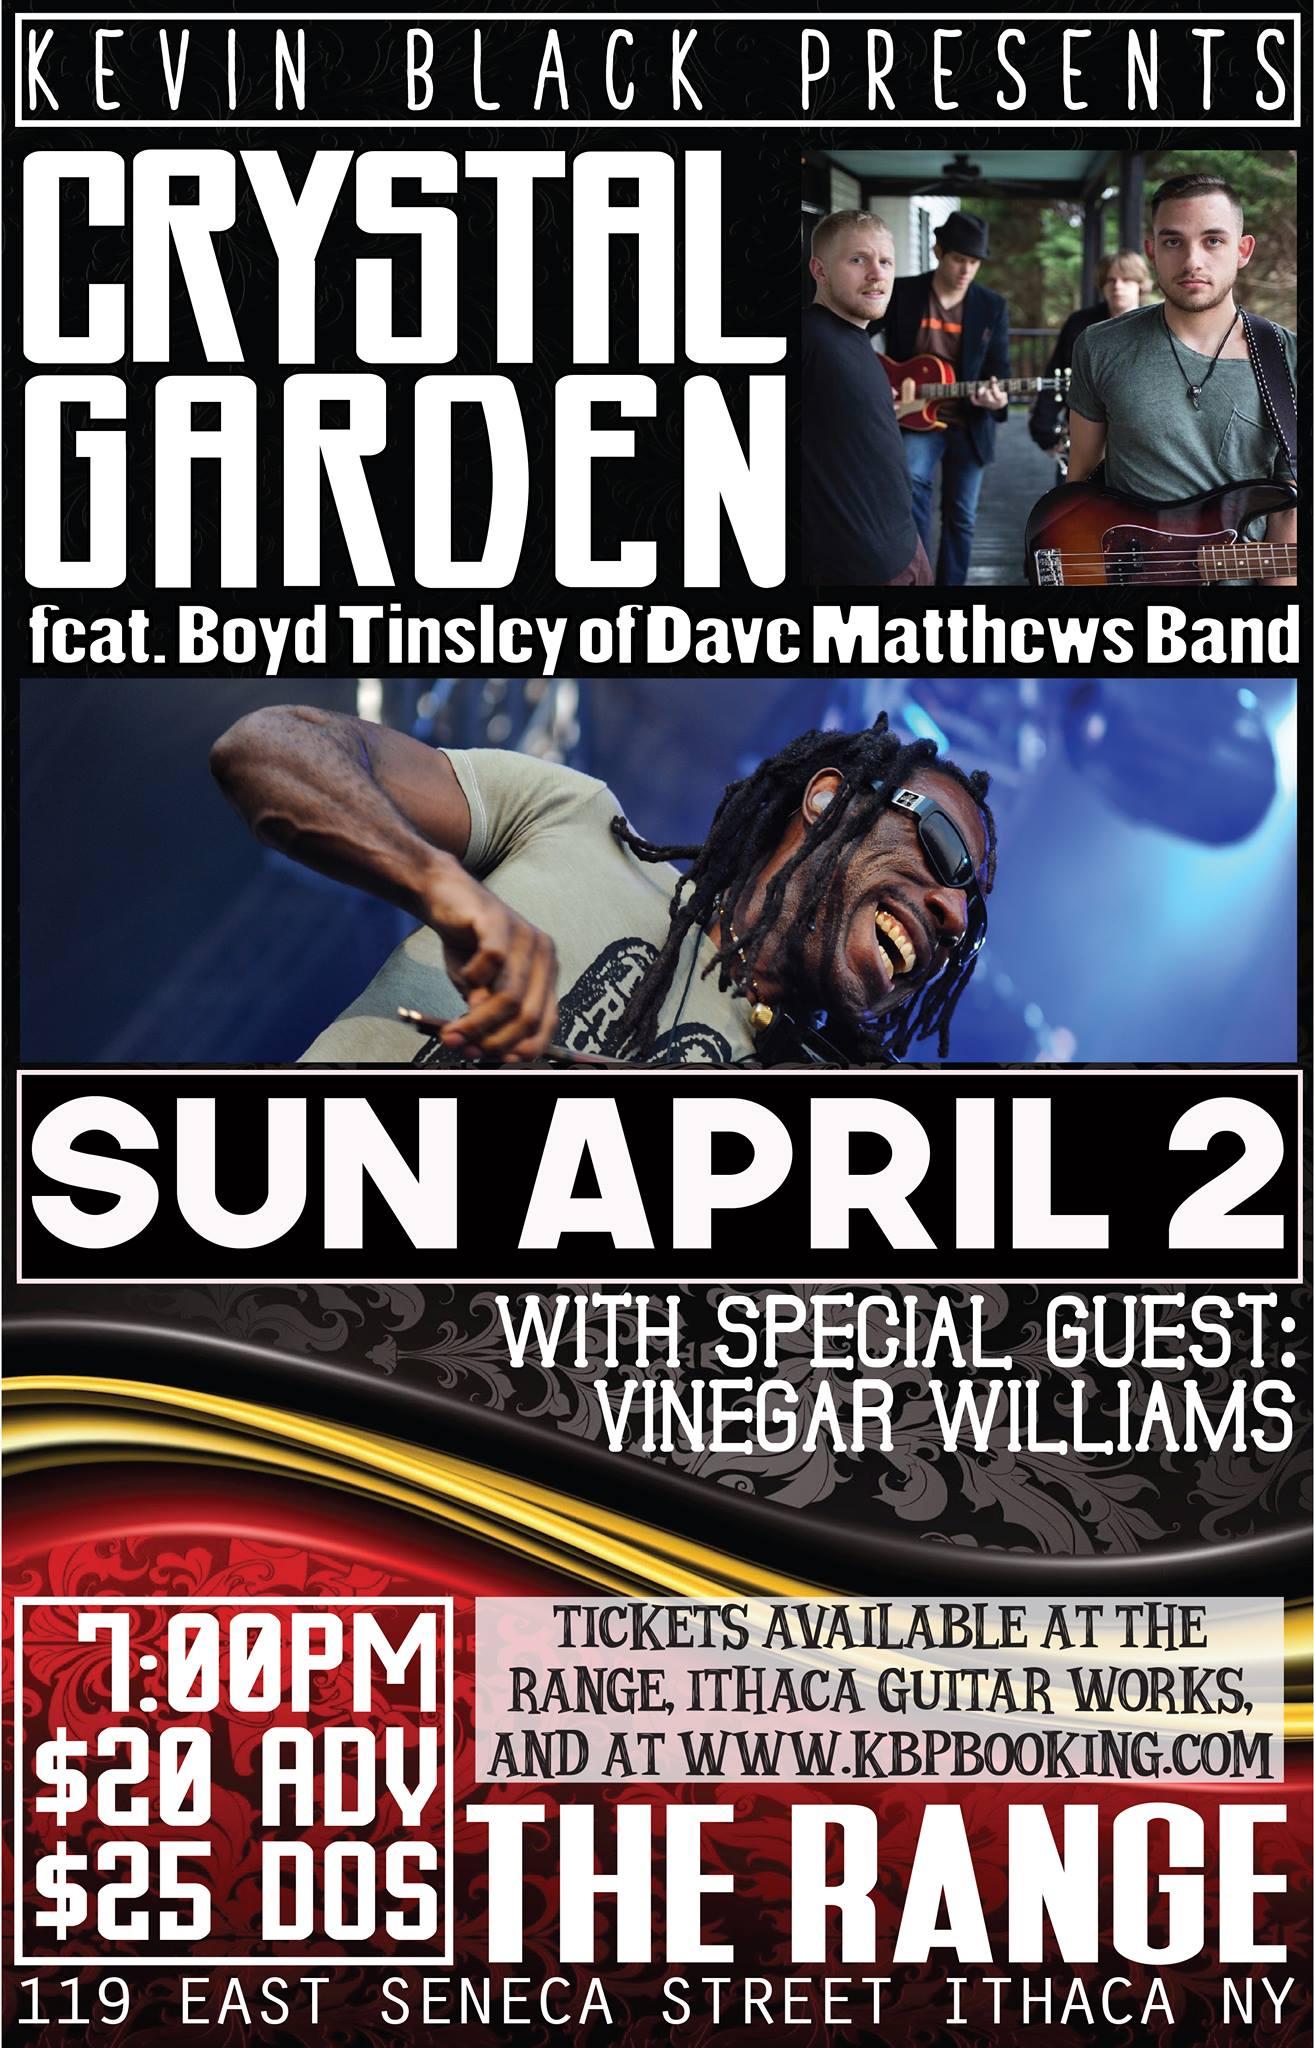 boyd tinsley dave matthews band crystal garden the range ithaca - Crystal Garden